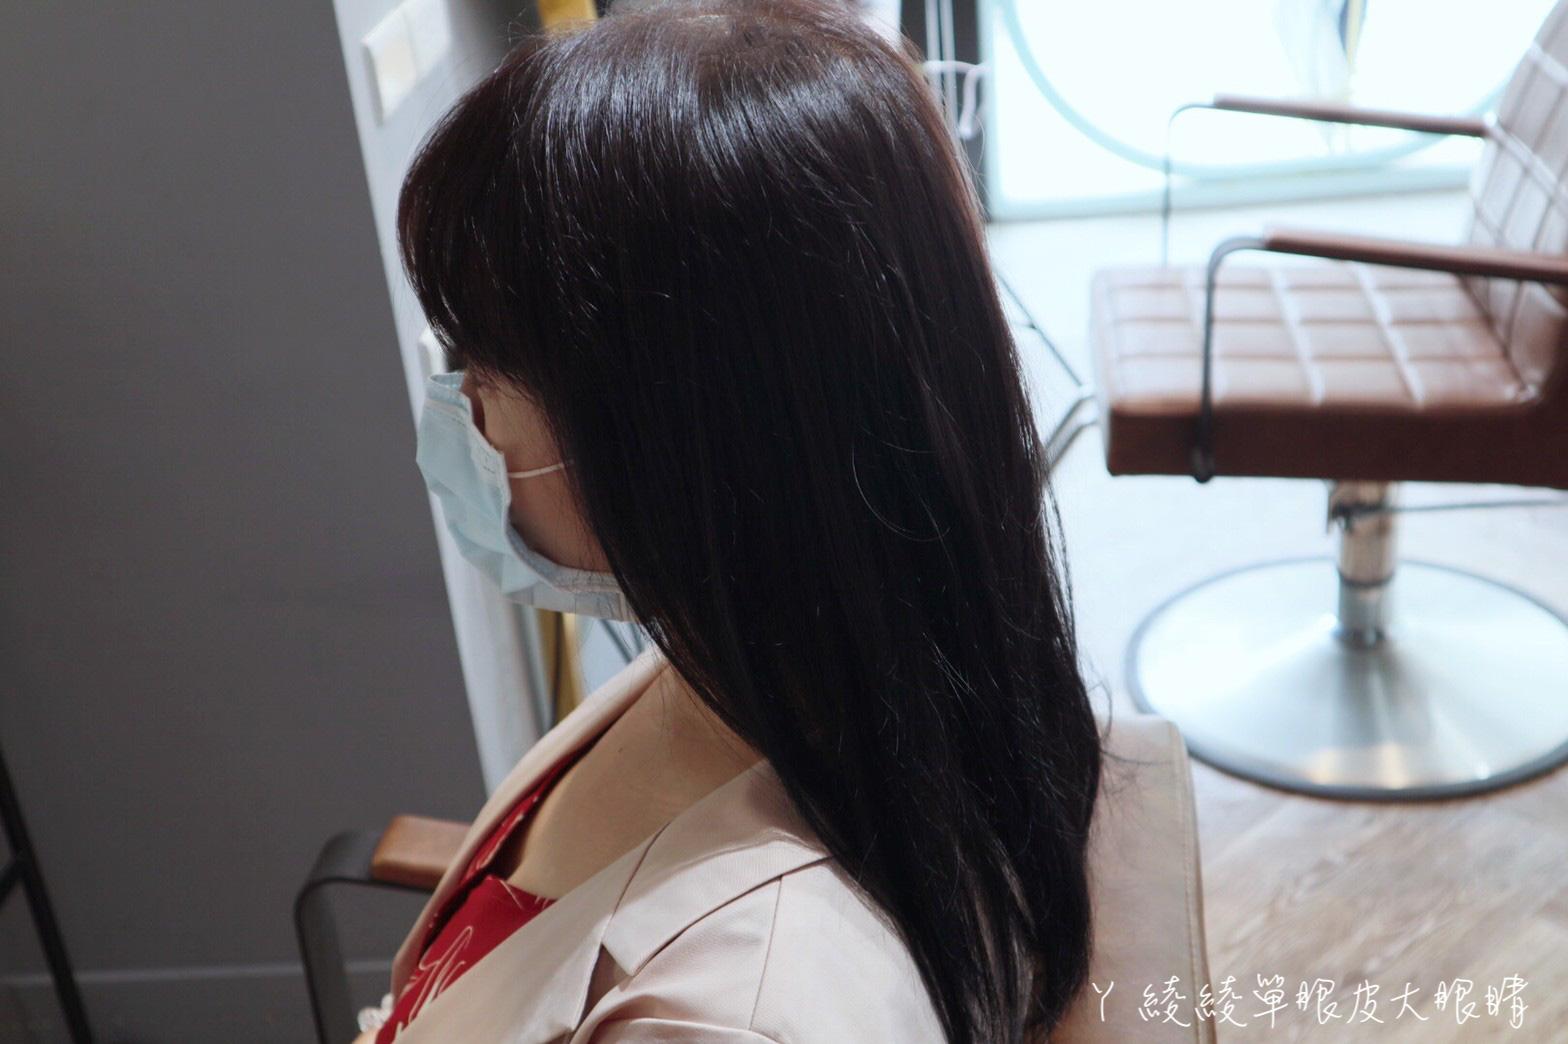 台北韓系質感髮廊推薦!染燙不分長短1499元含洗剪!小資女髮型大改造,超奢華金箔護髮